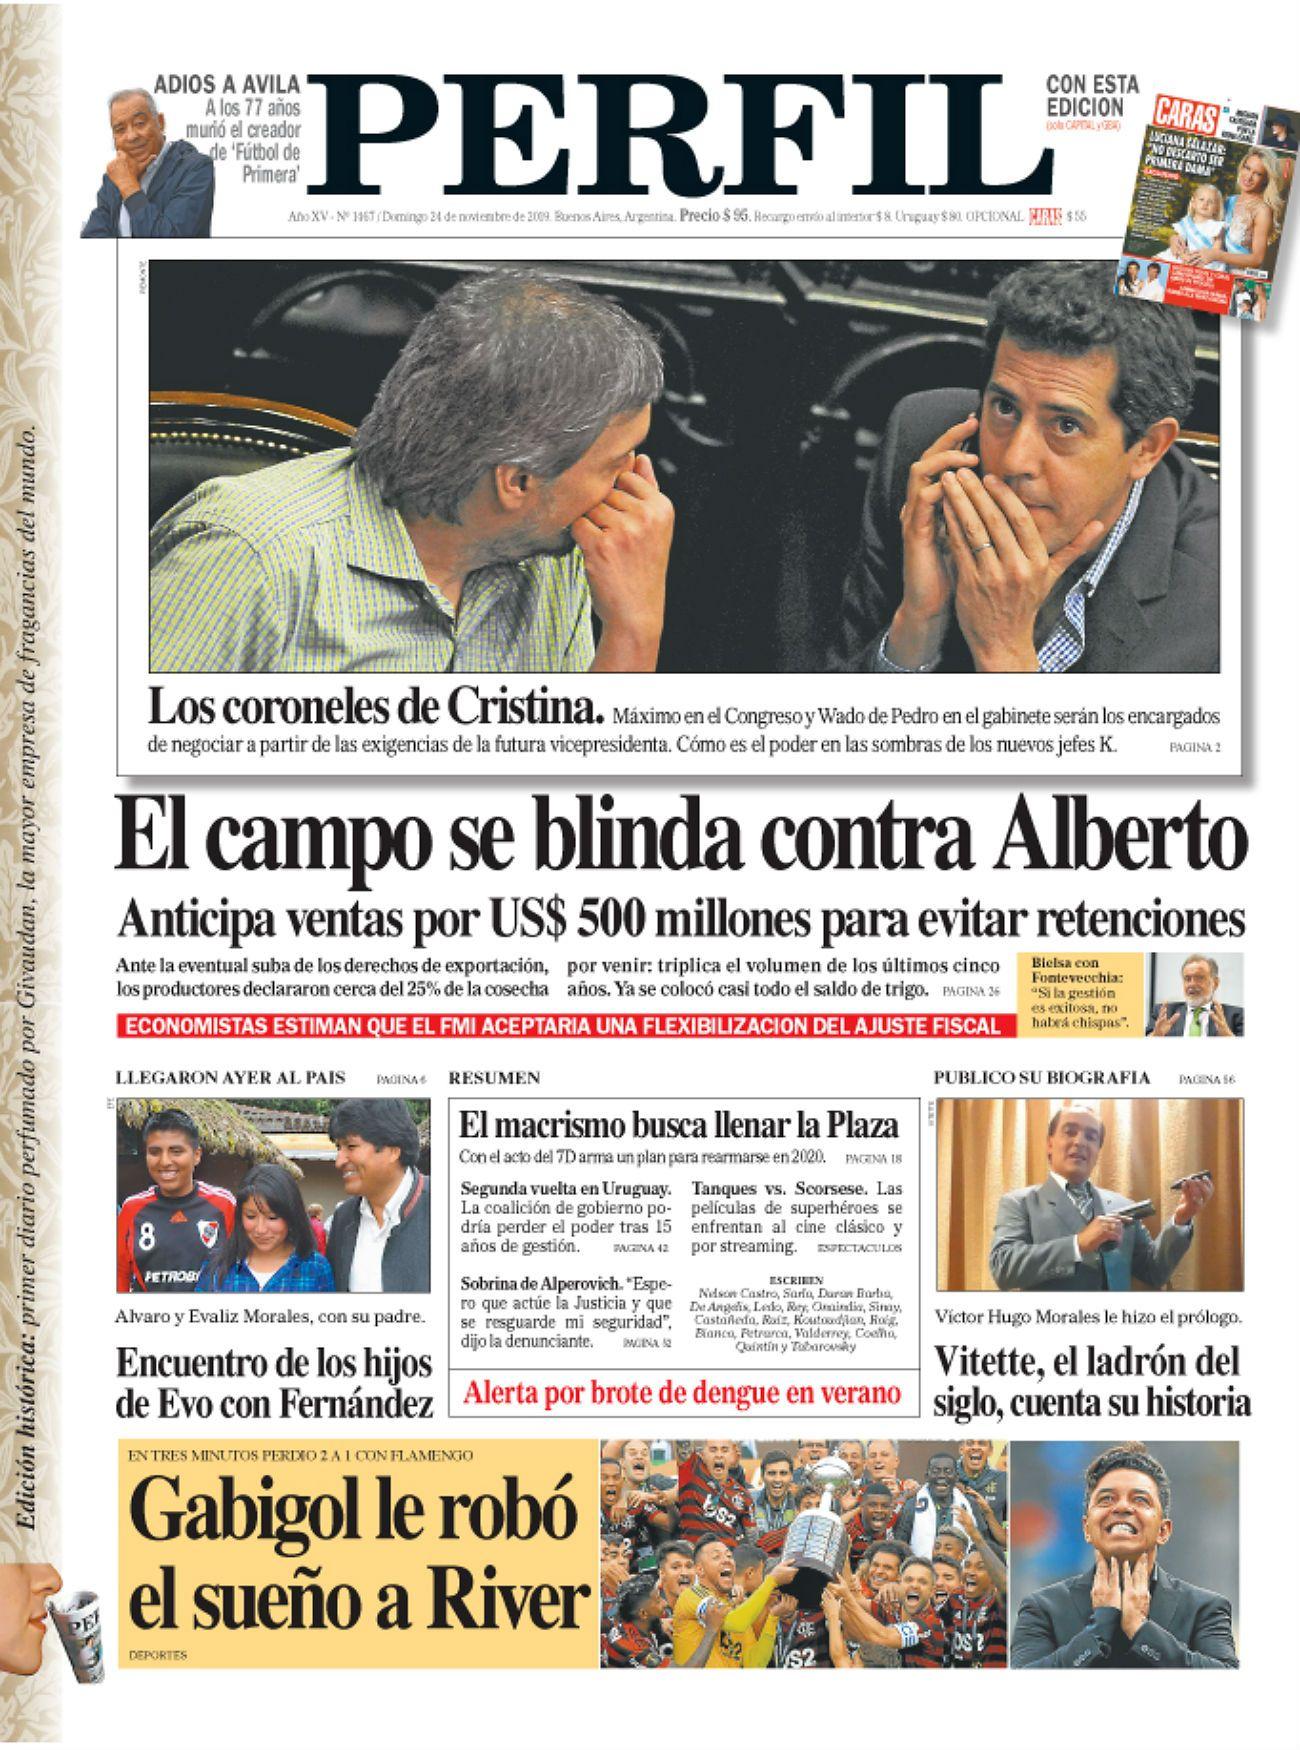 La tapa del Diario PERFIL del domingo 24 de noviembre de 2019.